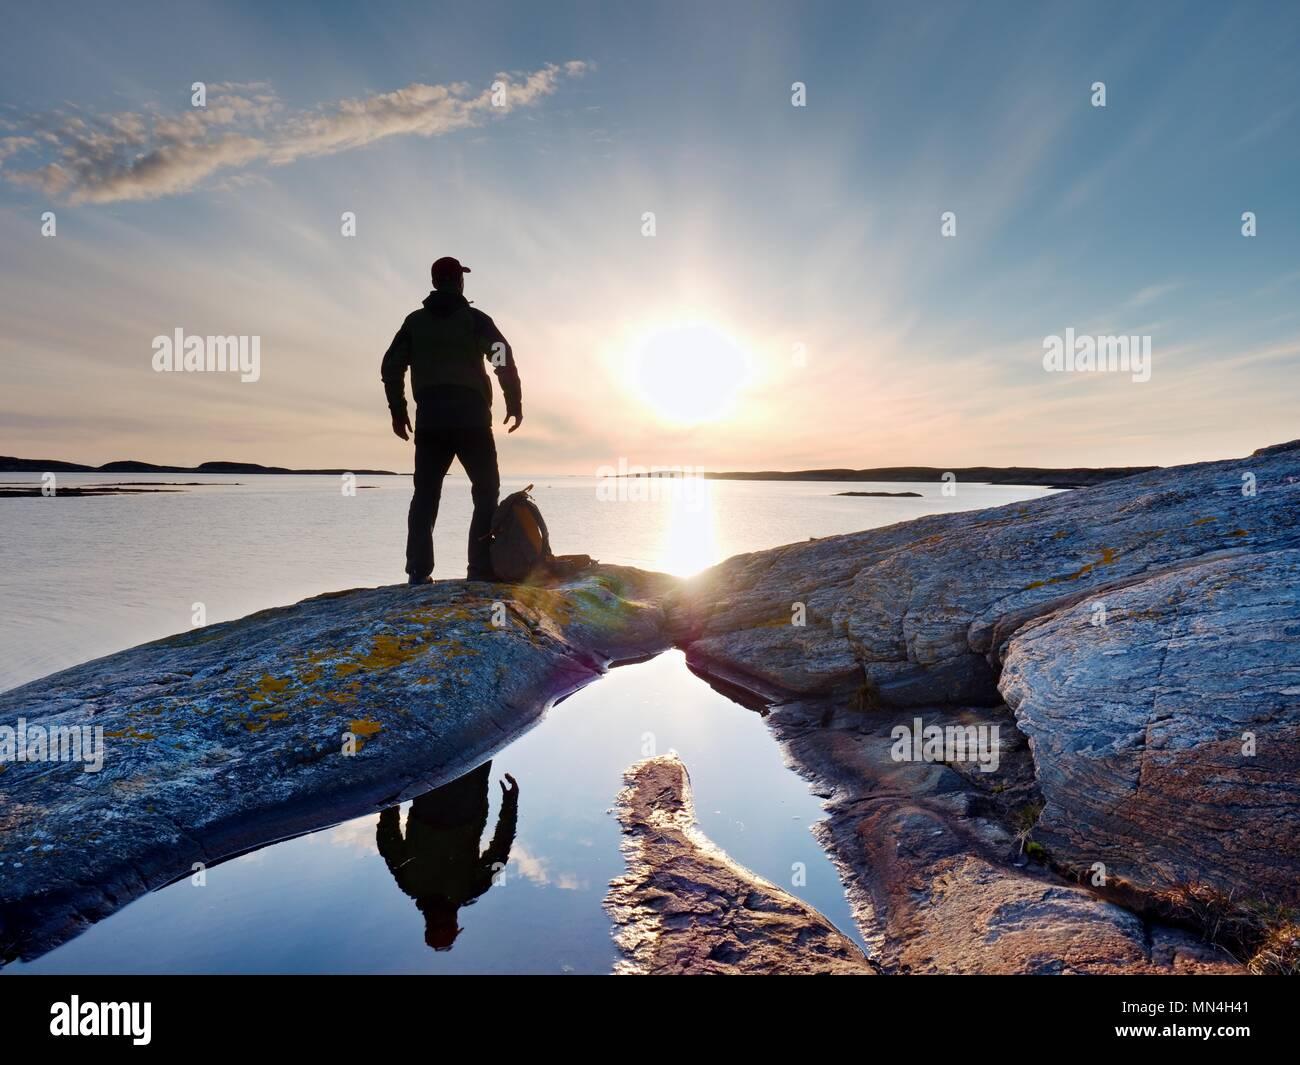 Silhouette di un solo uomo che guarda verso la vibrante del tramonto. Flare e riflessi in acque poco profonde del livello del mare Immagini Stock